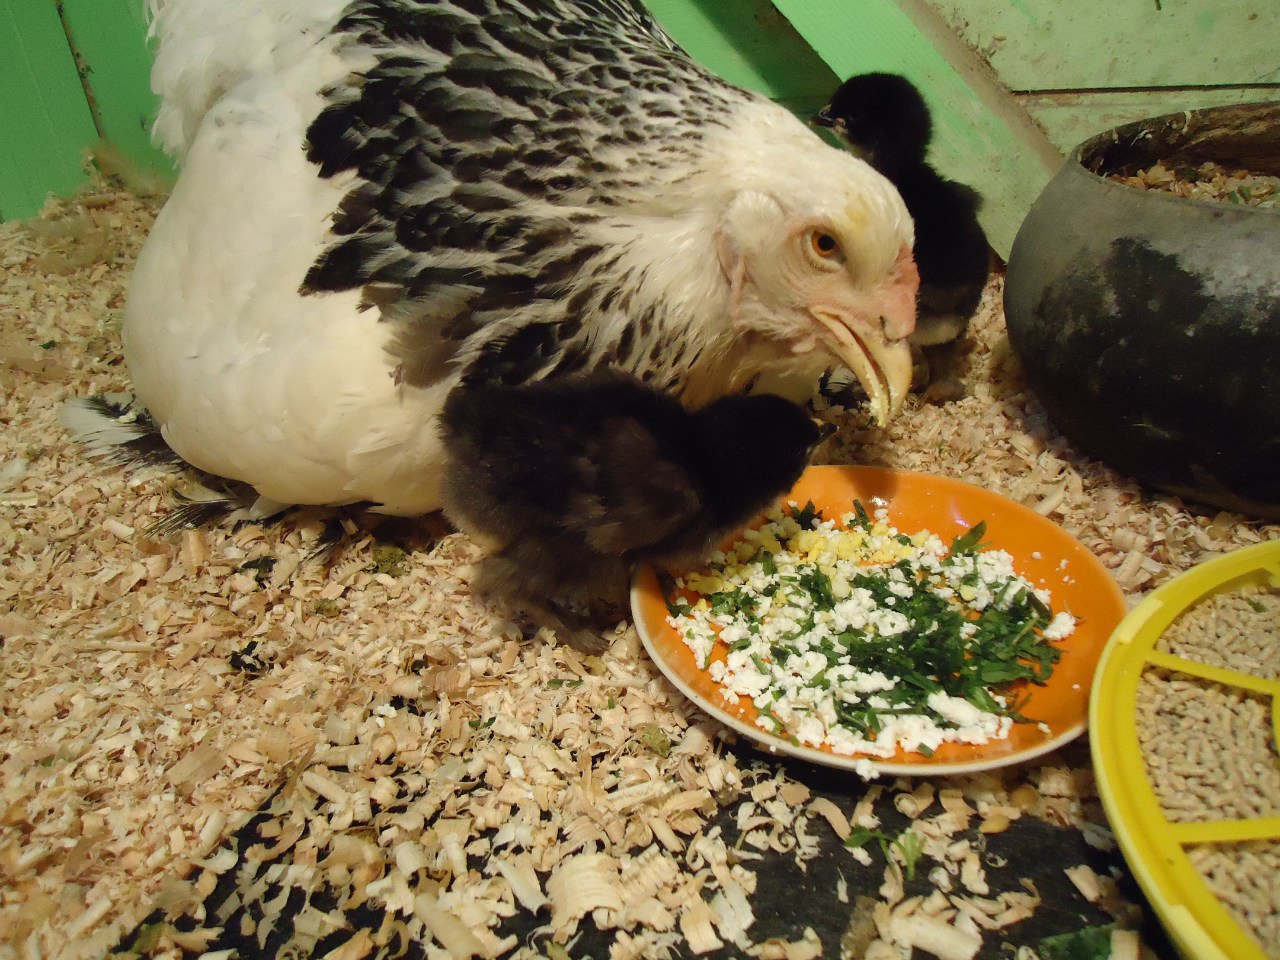 Чем кормить кур? чем кормить несушек в домашних условиях, чтобы они хорошо и много неслись? норма кормления. можно ли давать курам пенопласт и хлеб?